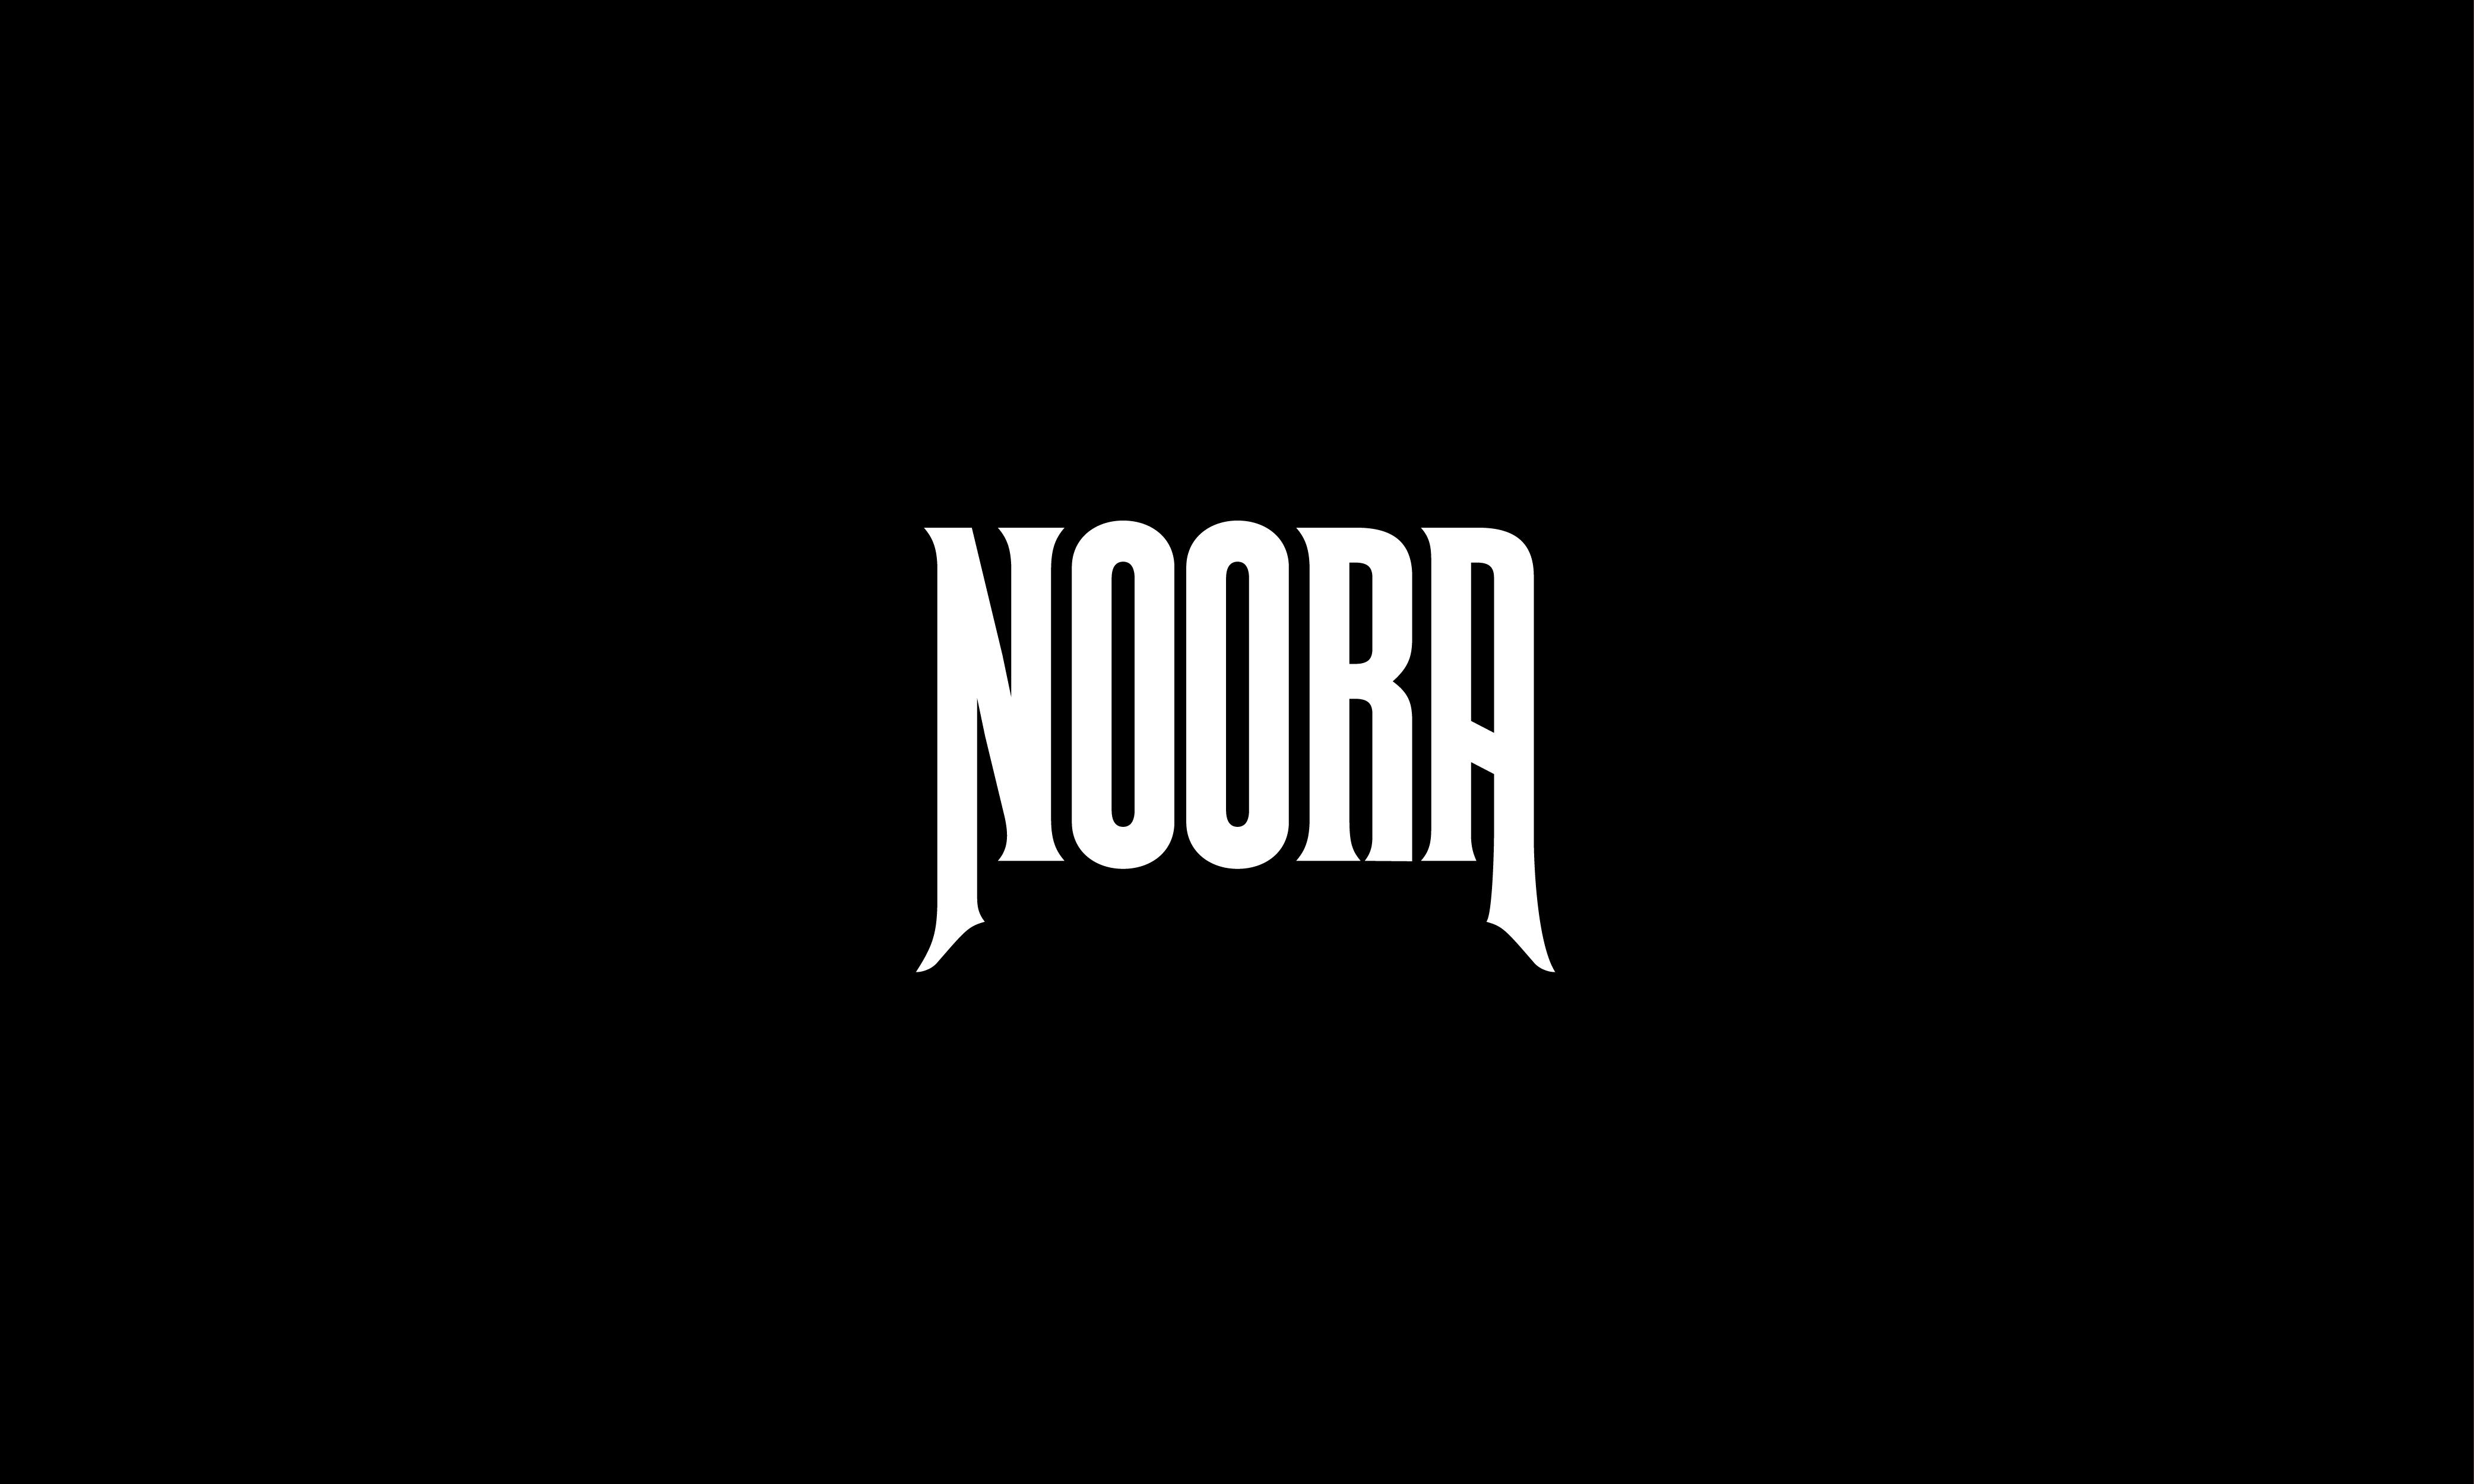 noora V3-bk-filled-01